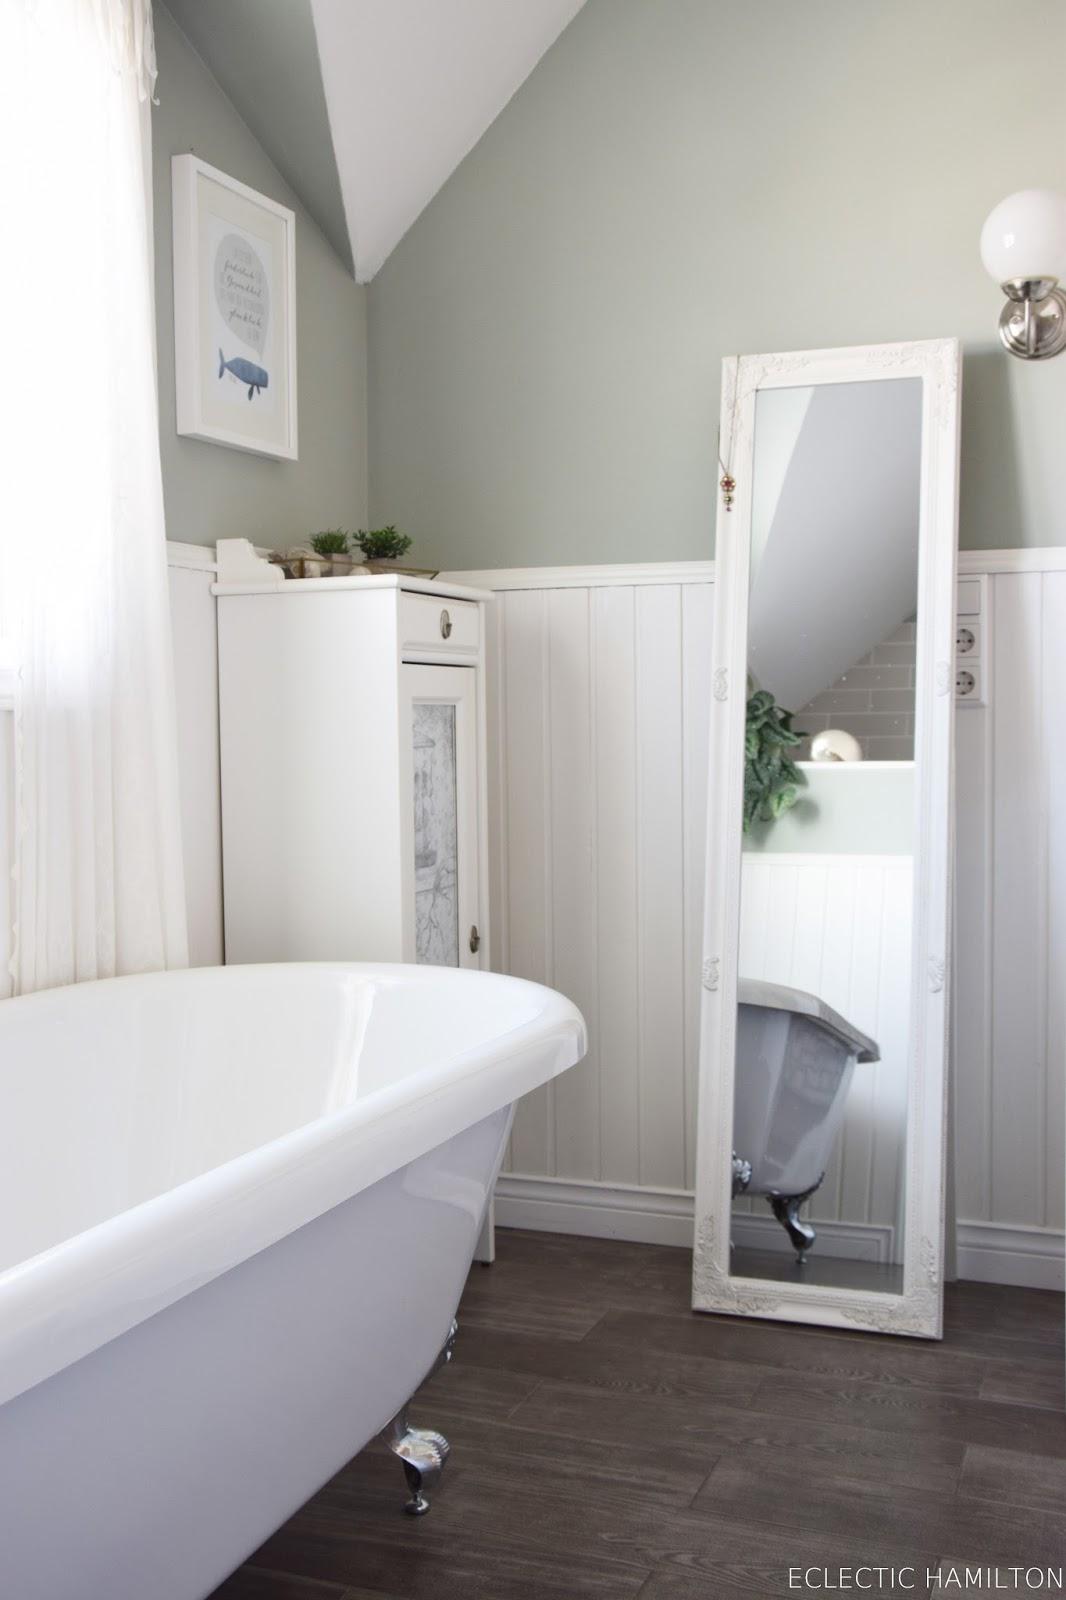 Badezimmer Putzen Dm   Gipskartonplatten Spachteln Vor Fliesen Erener